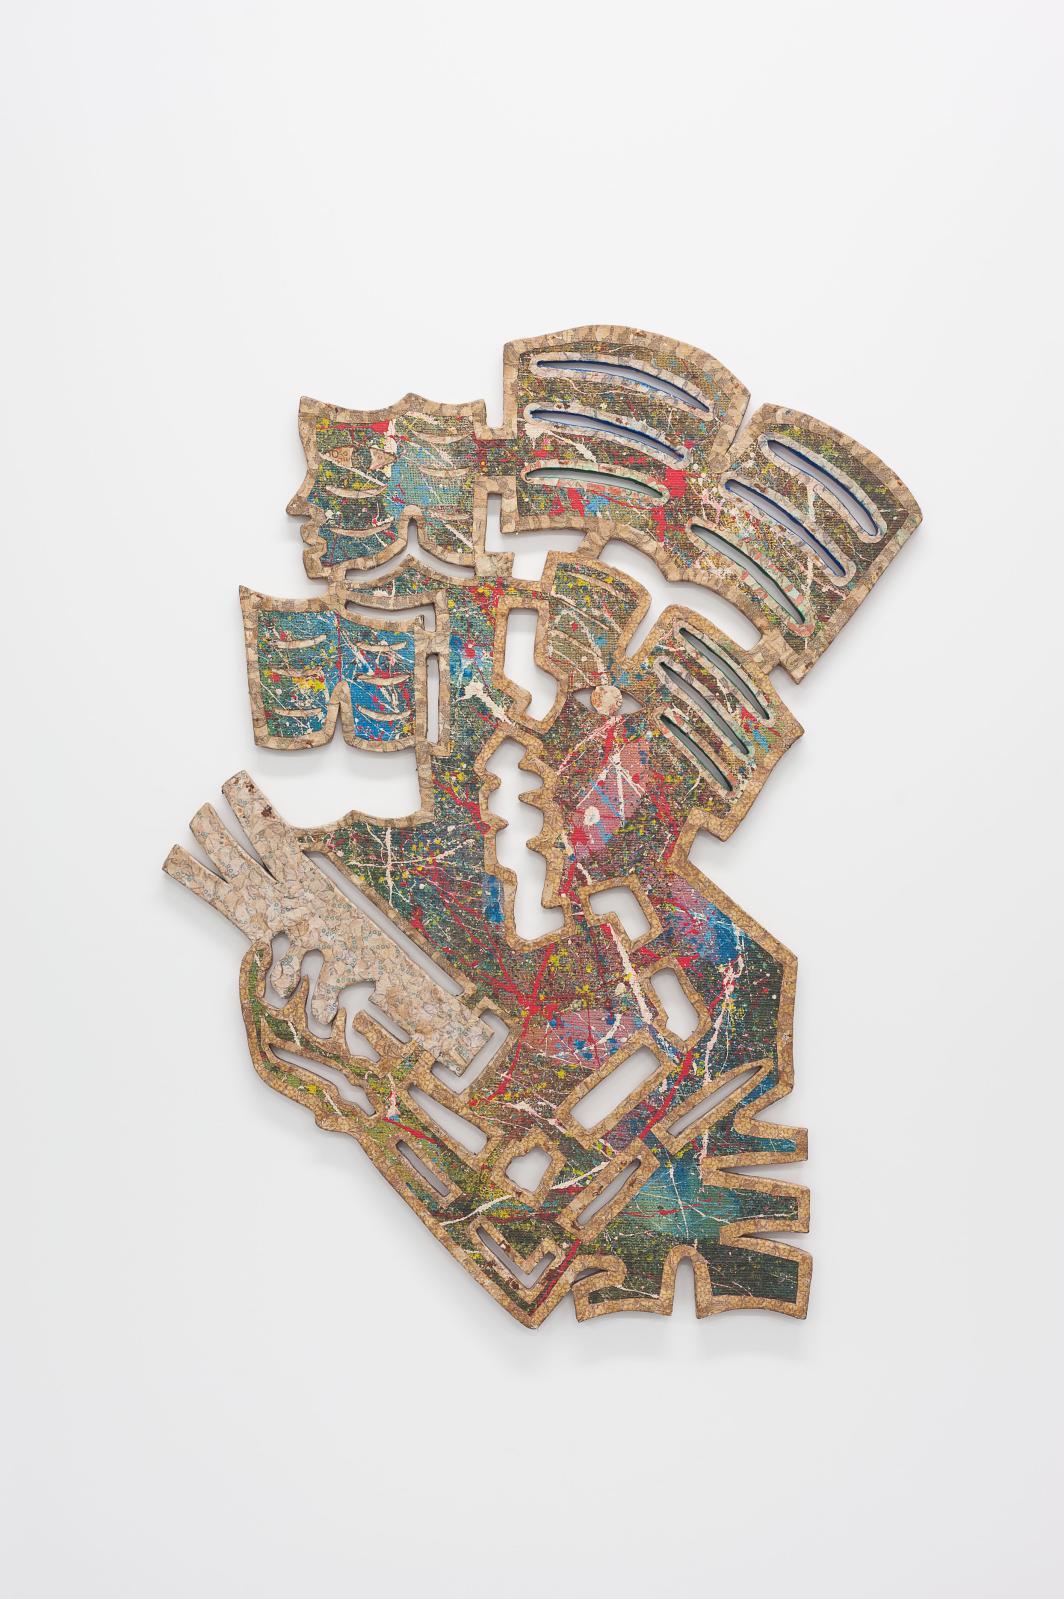 Meschac Gaba (né en 1961), La Peinture sculpture, Bibliothèque, 1993-1994, peinture, tissus, collage de confettis de billets de banque CFA sur bois, 9